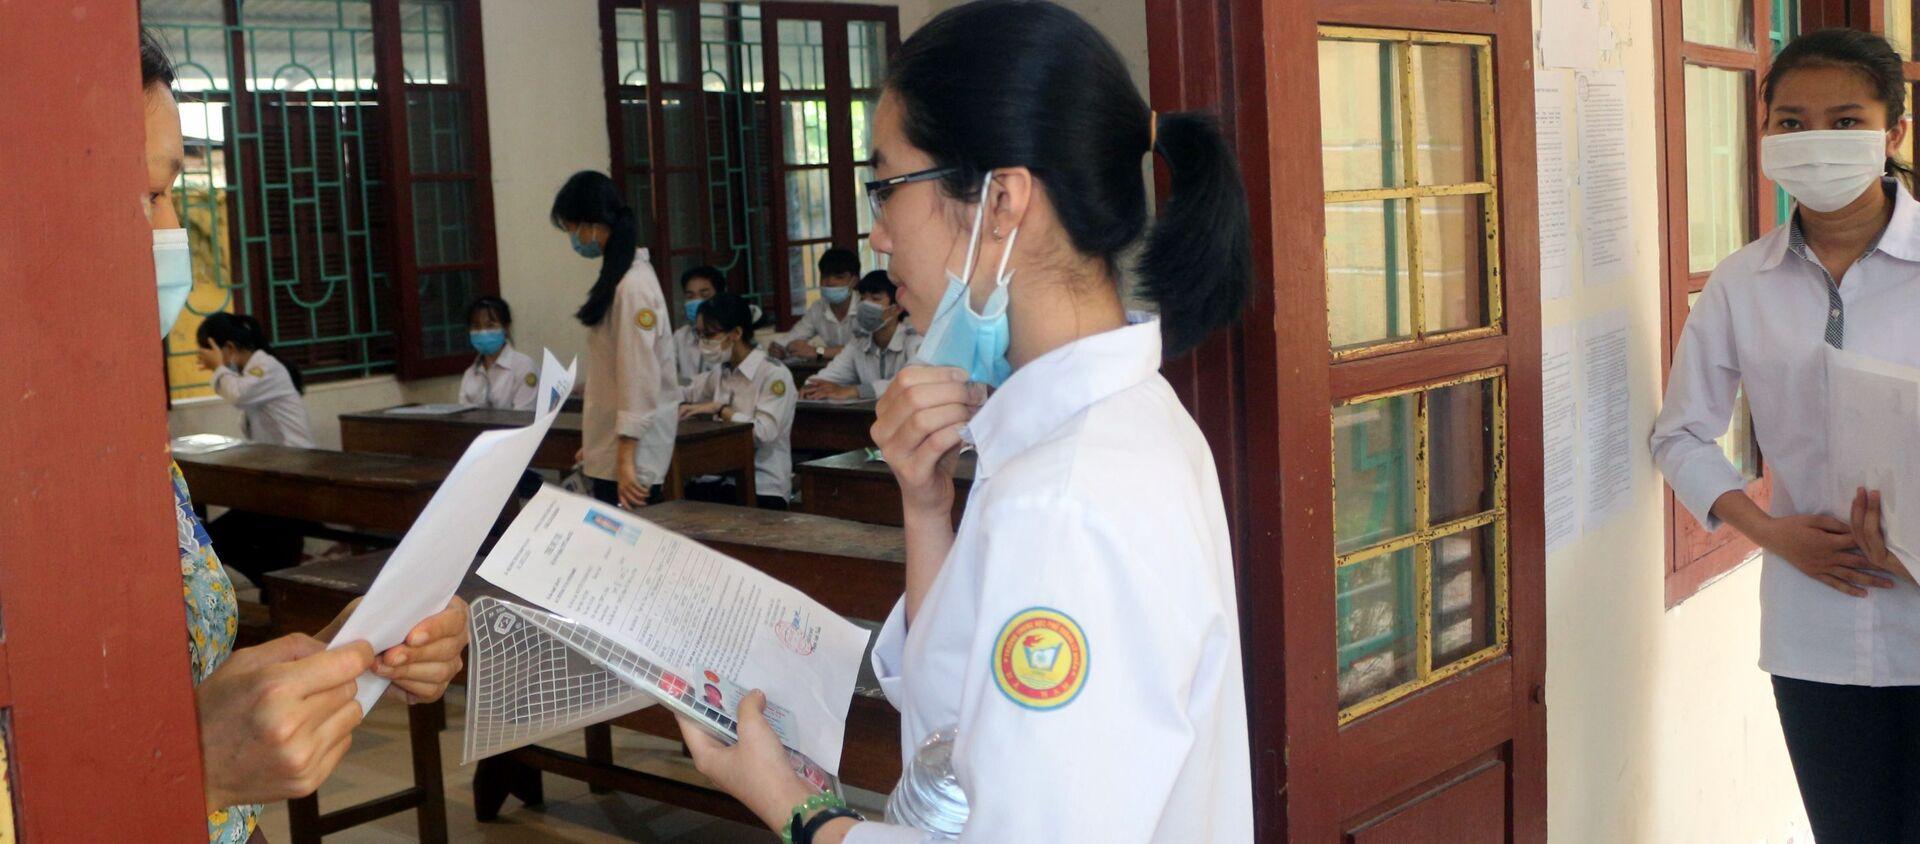 Các thí sinh làm thủ tục vào phòng thi tại Hội đồng thi trường THPT Lý Nhân (huyện Lý Nhân, tỉnh Nam Định) - Sputnik Việt Nam, 1920, 07.07.2021